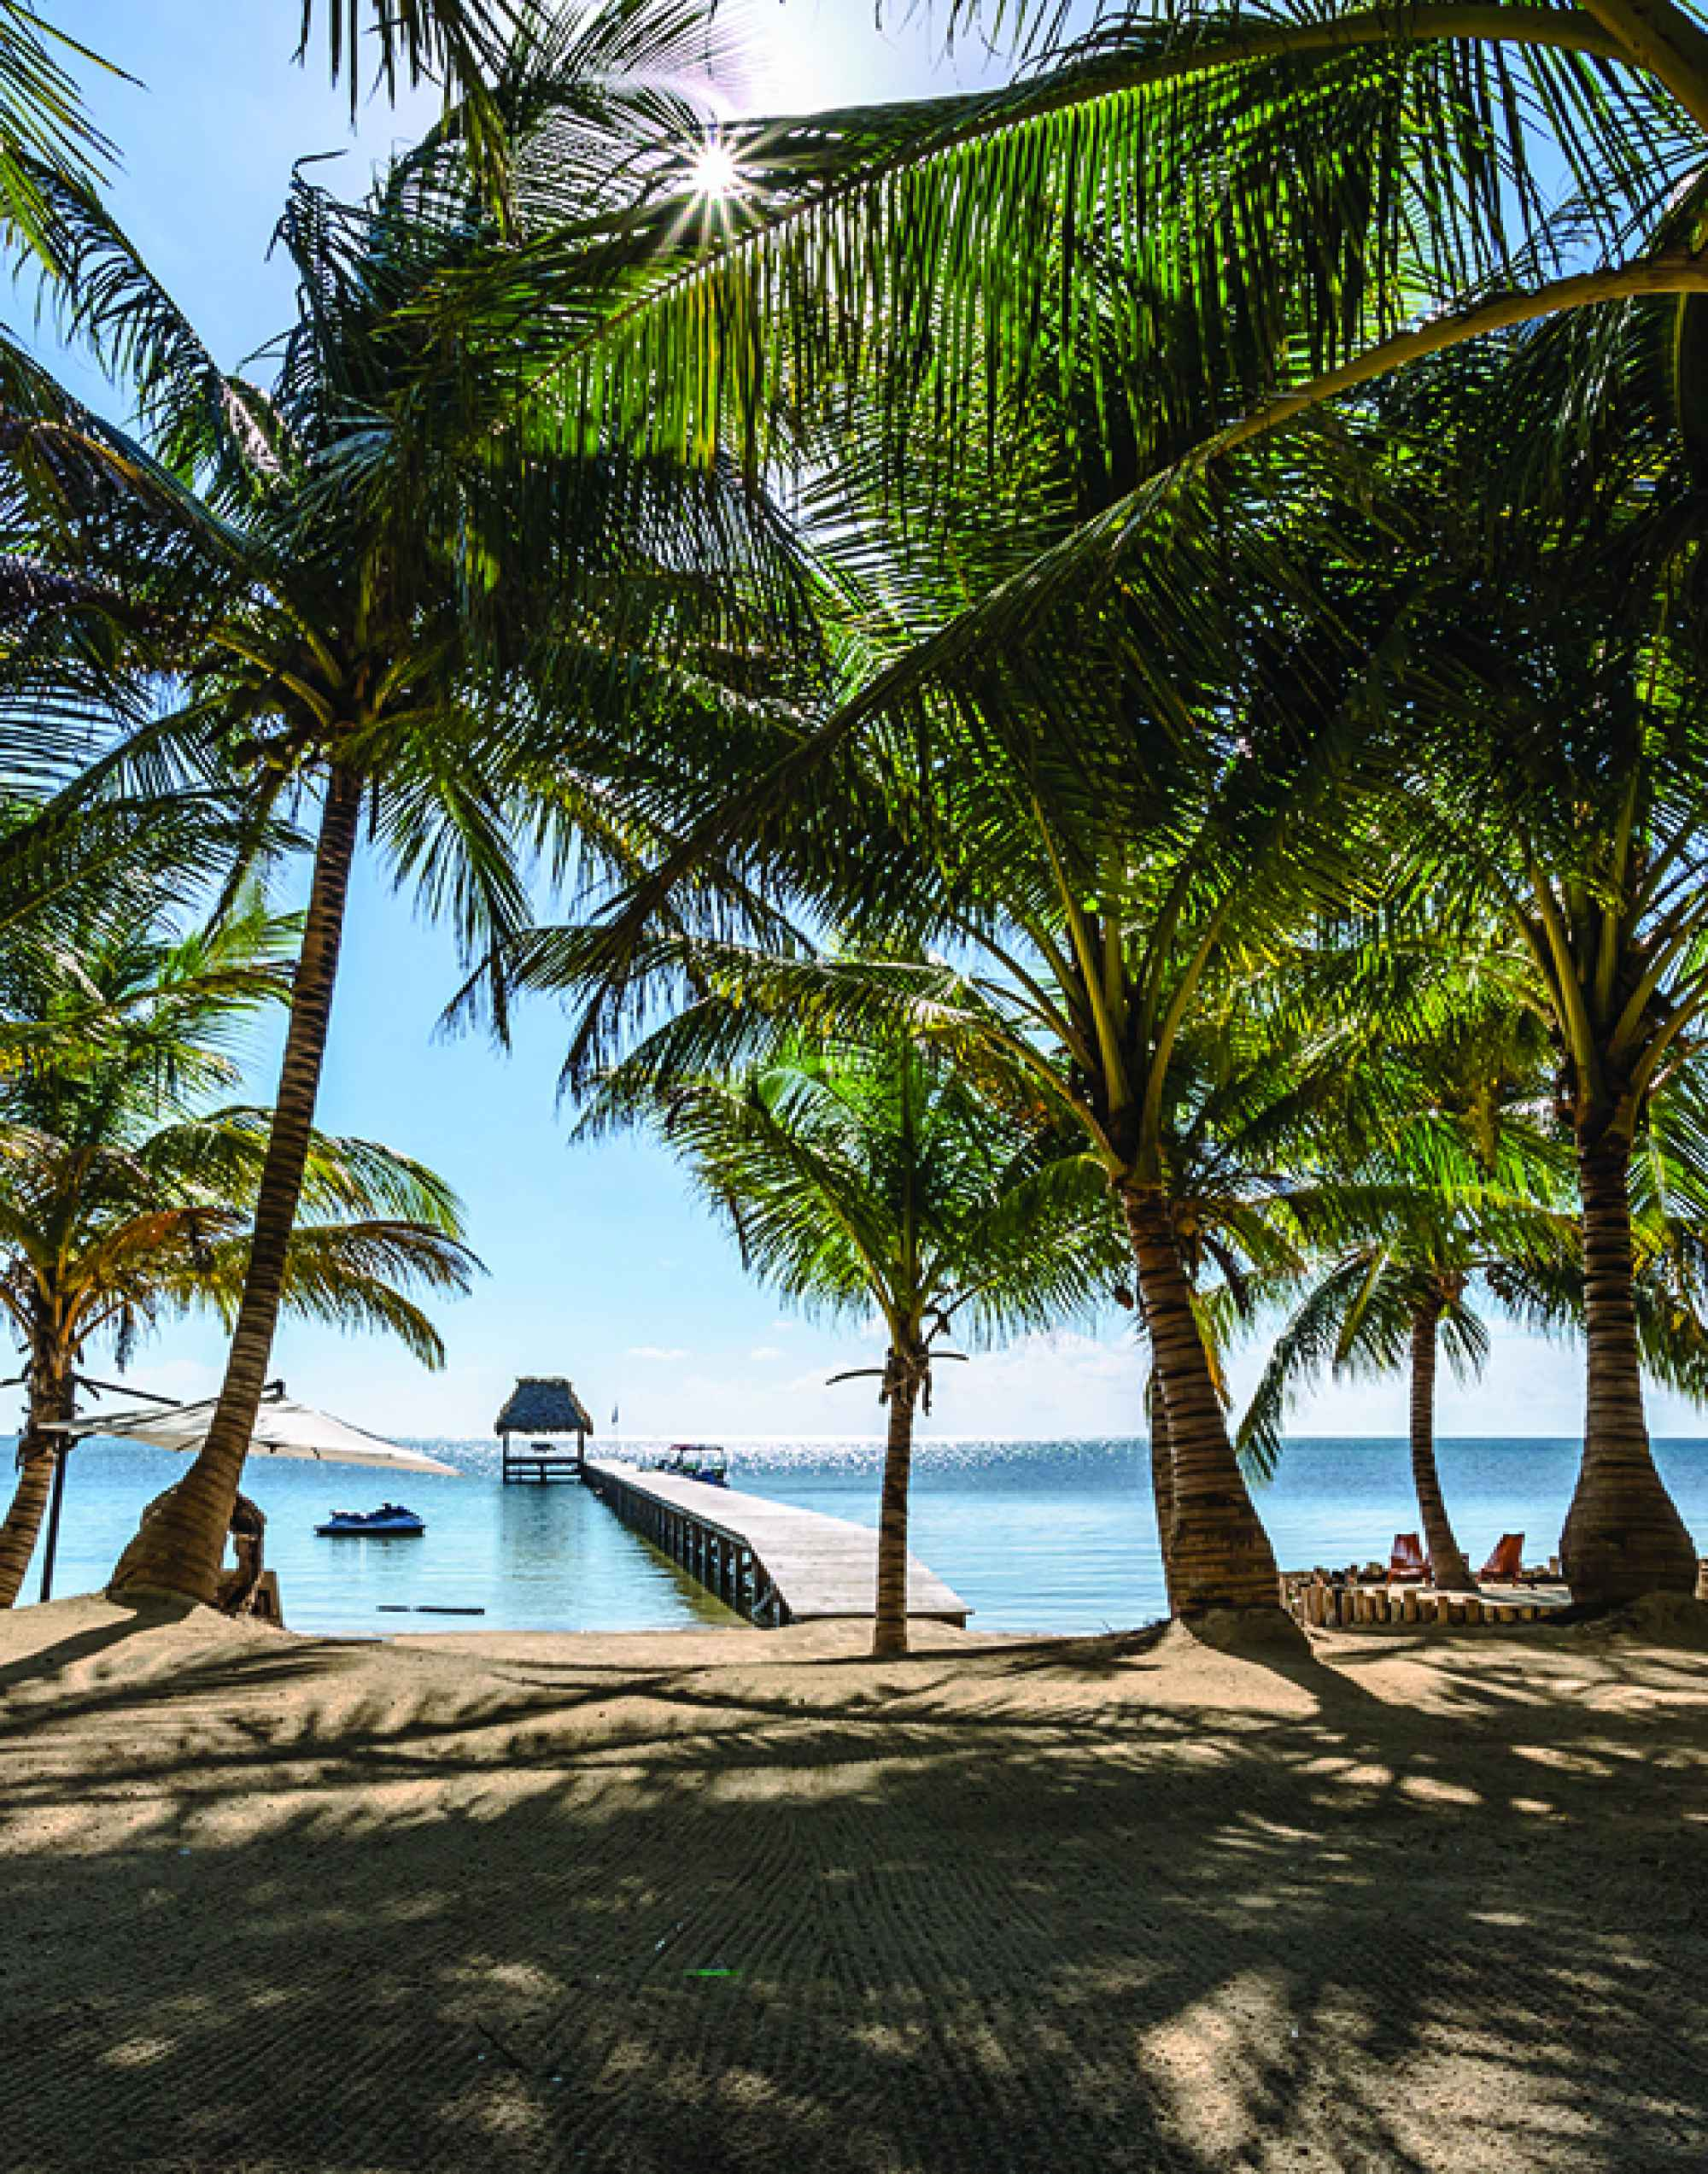 5. Belize